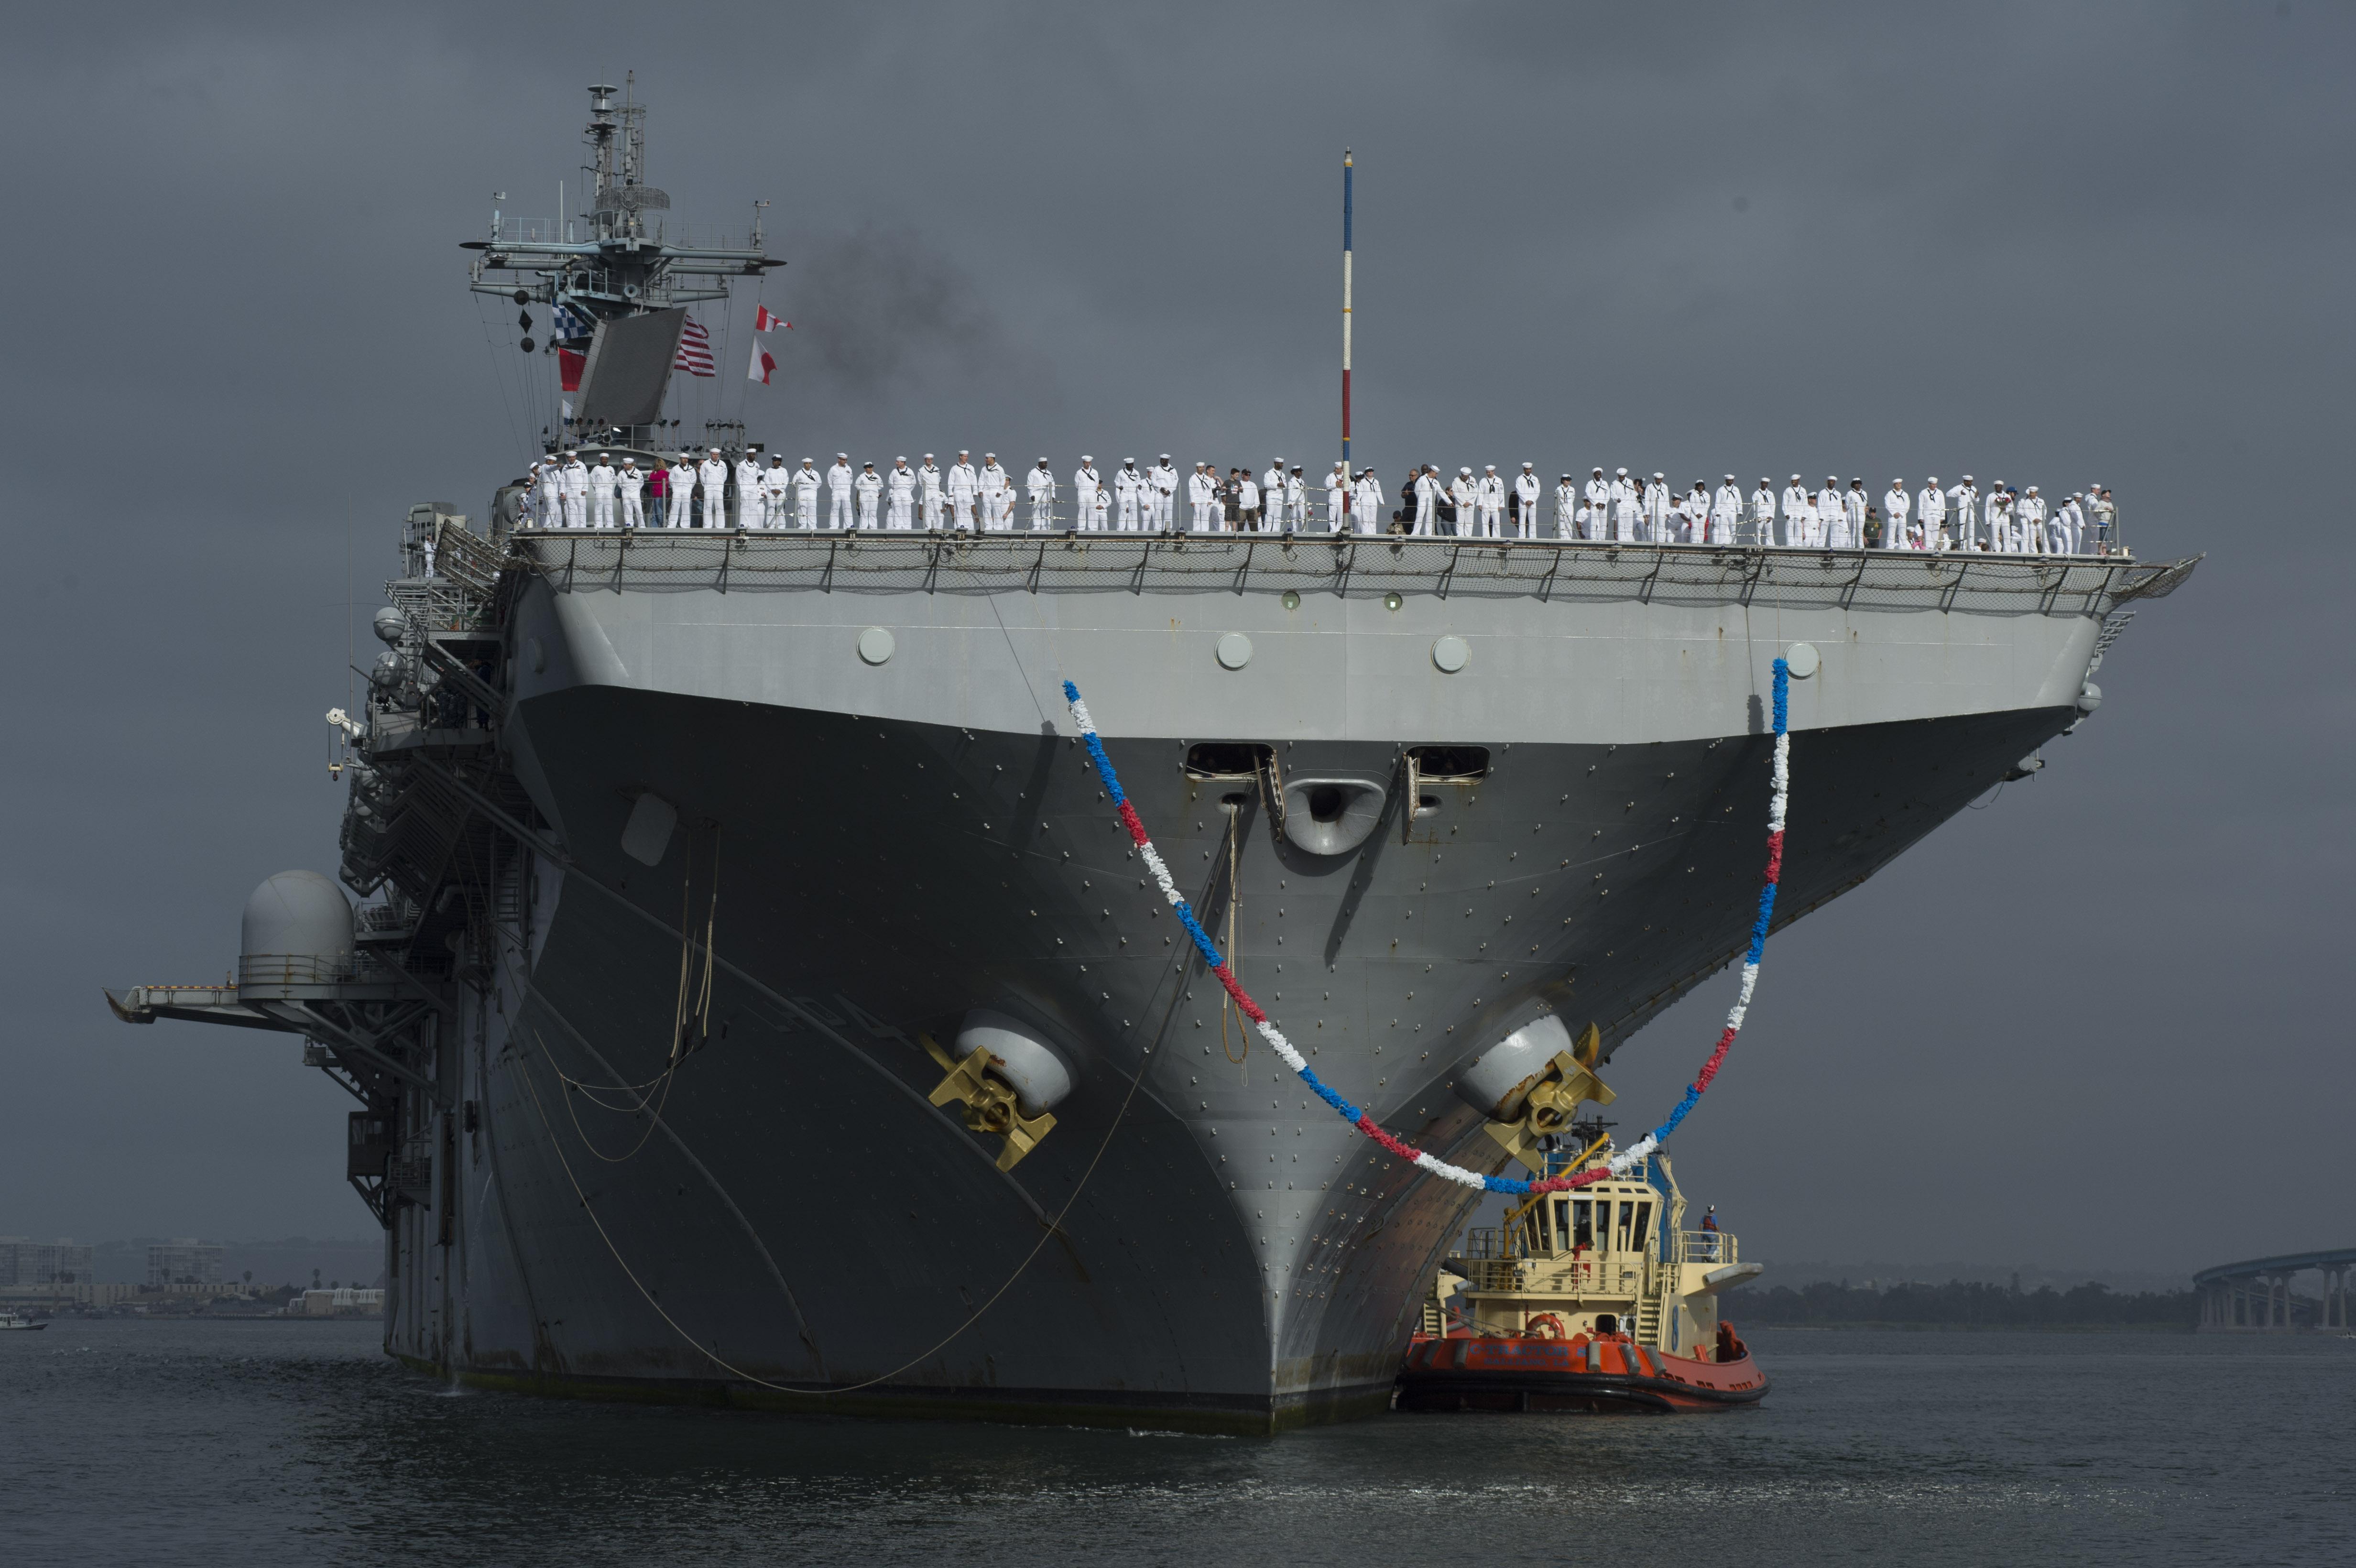 USS BOXER LHD-4 Einlaufen San Diego am 25.04.2014 Bild: U.S. Navy